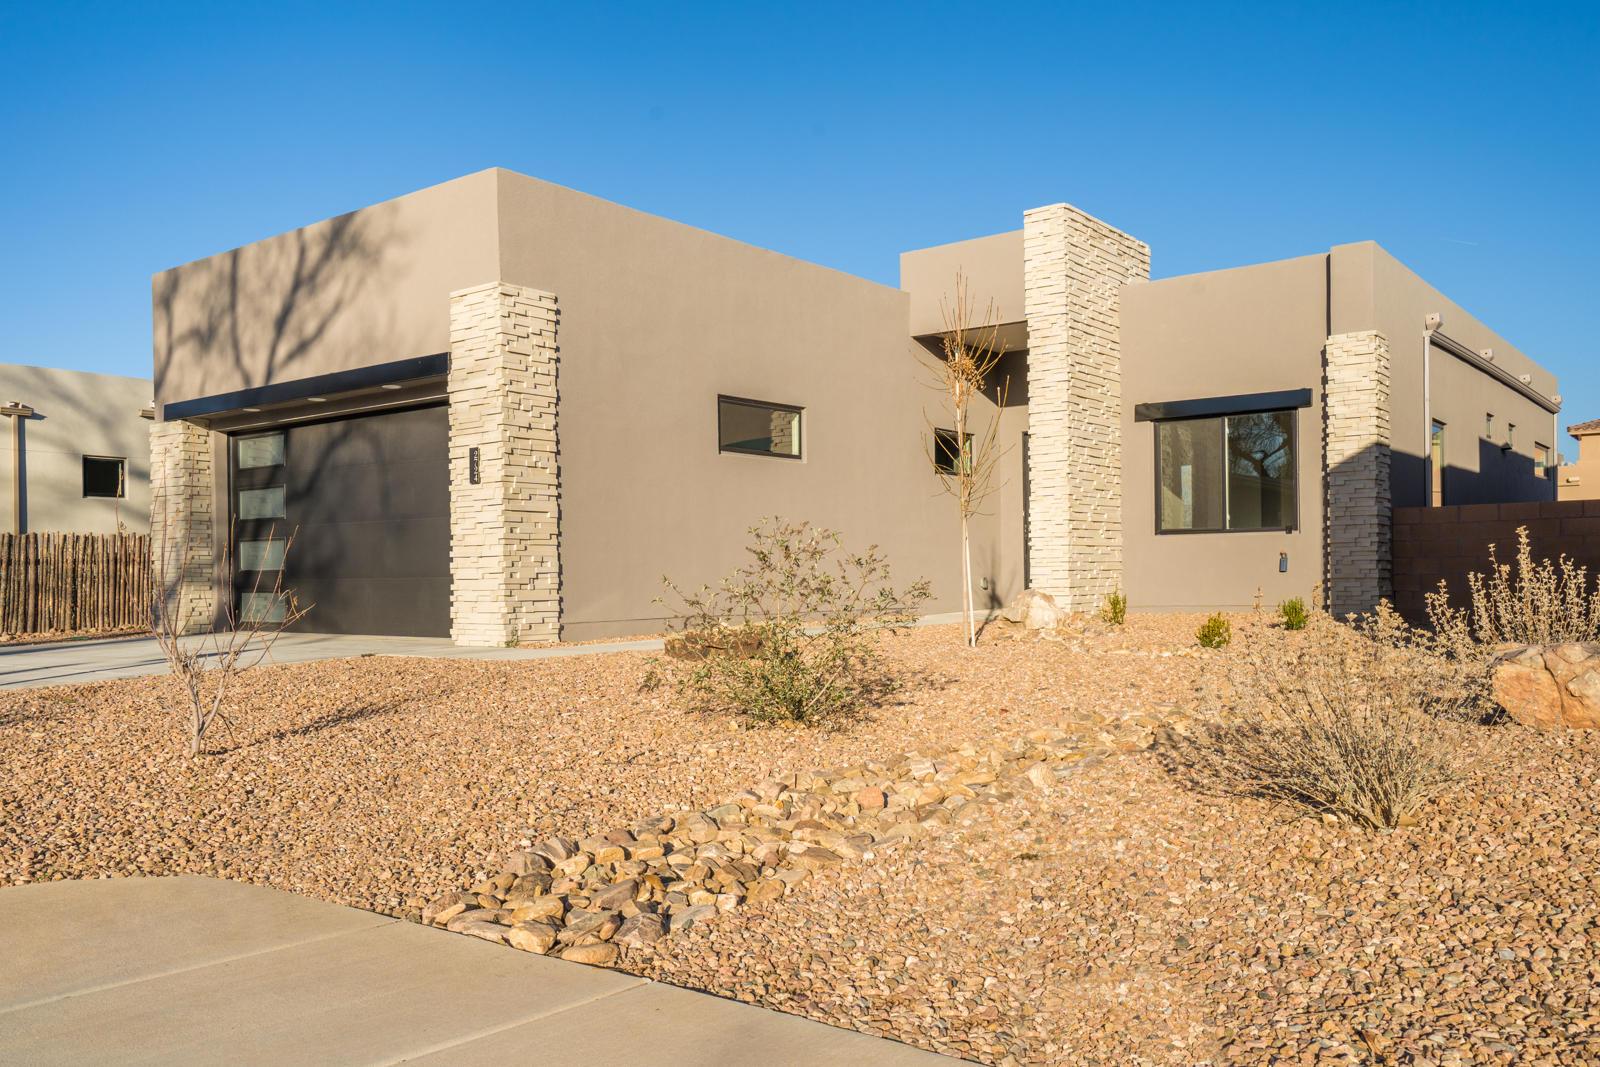 2724 PUERTA DEL BOSQUE Lane NW, Albuquerque, NM 87104 - Albuquerque, NM real estate listing